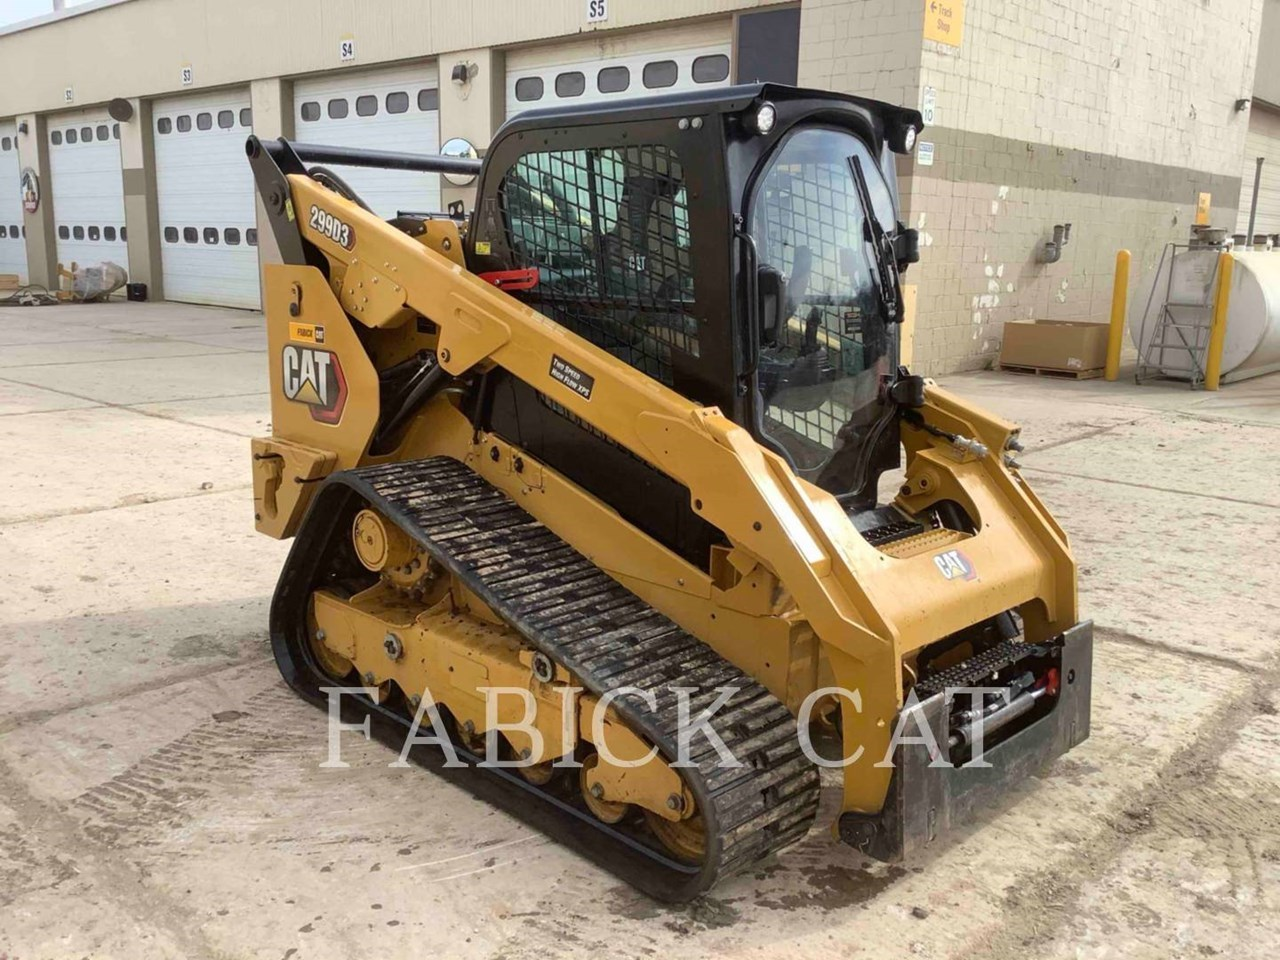 2020 Caterpillar 299D3 C3H3 Image 2